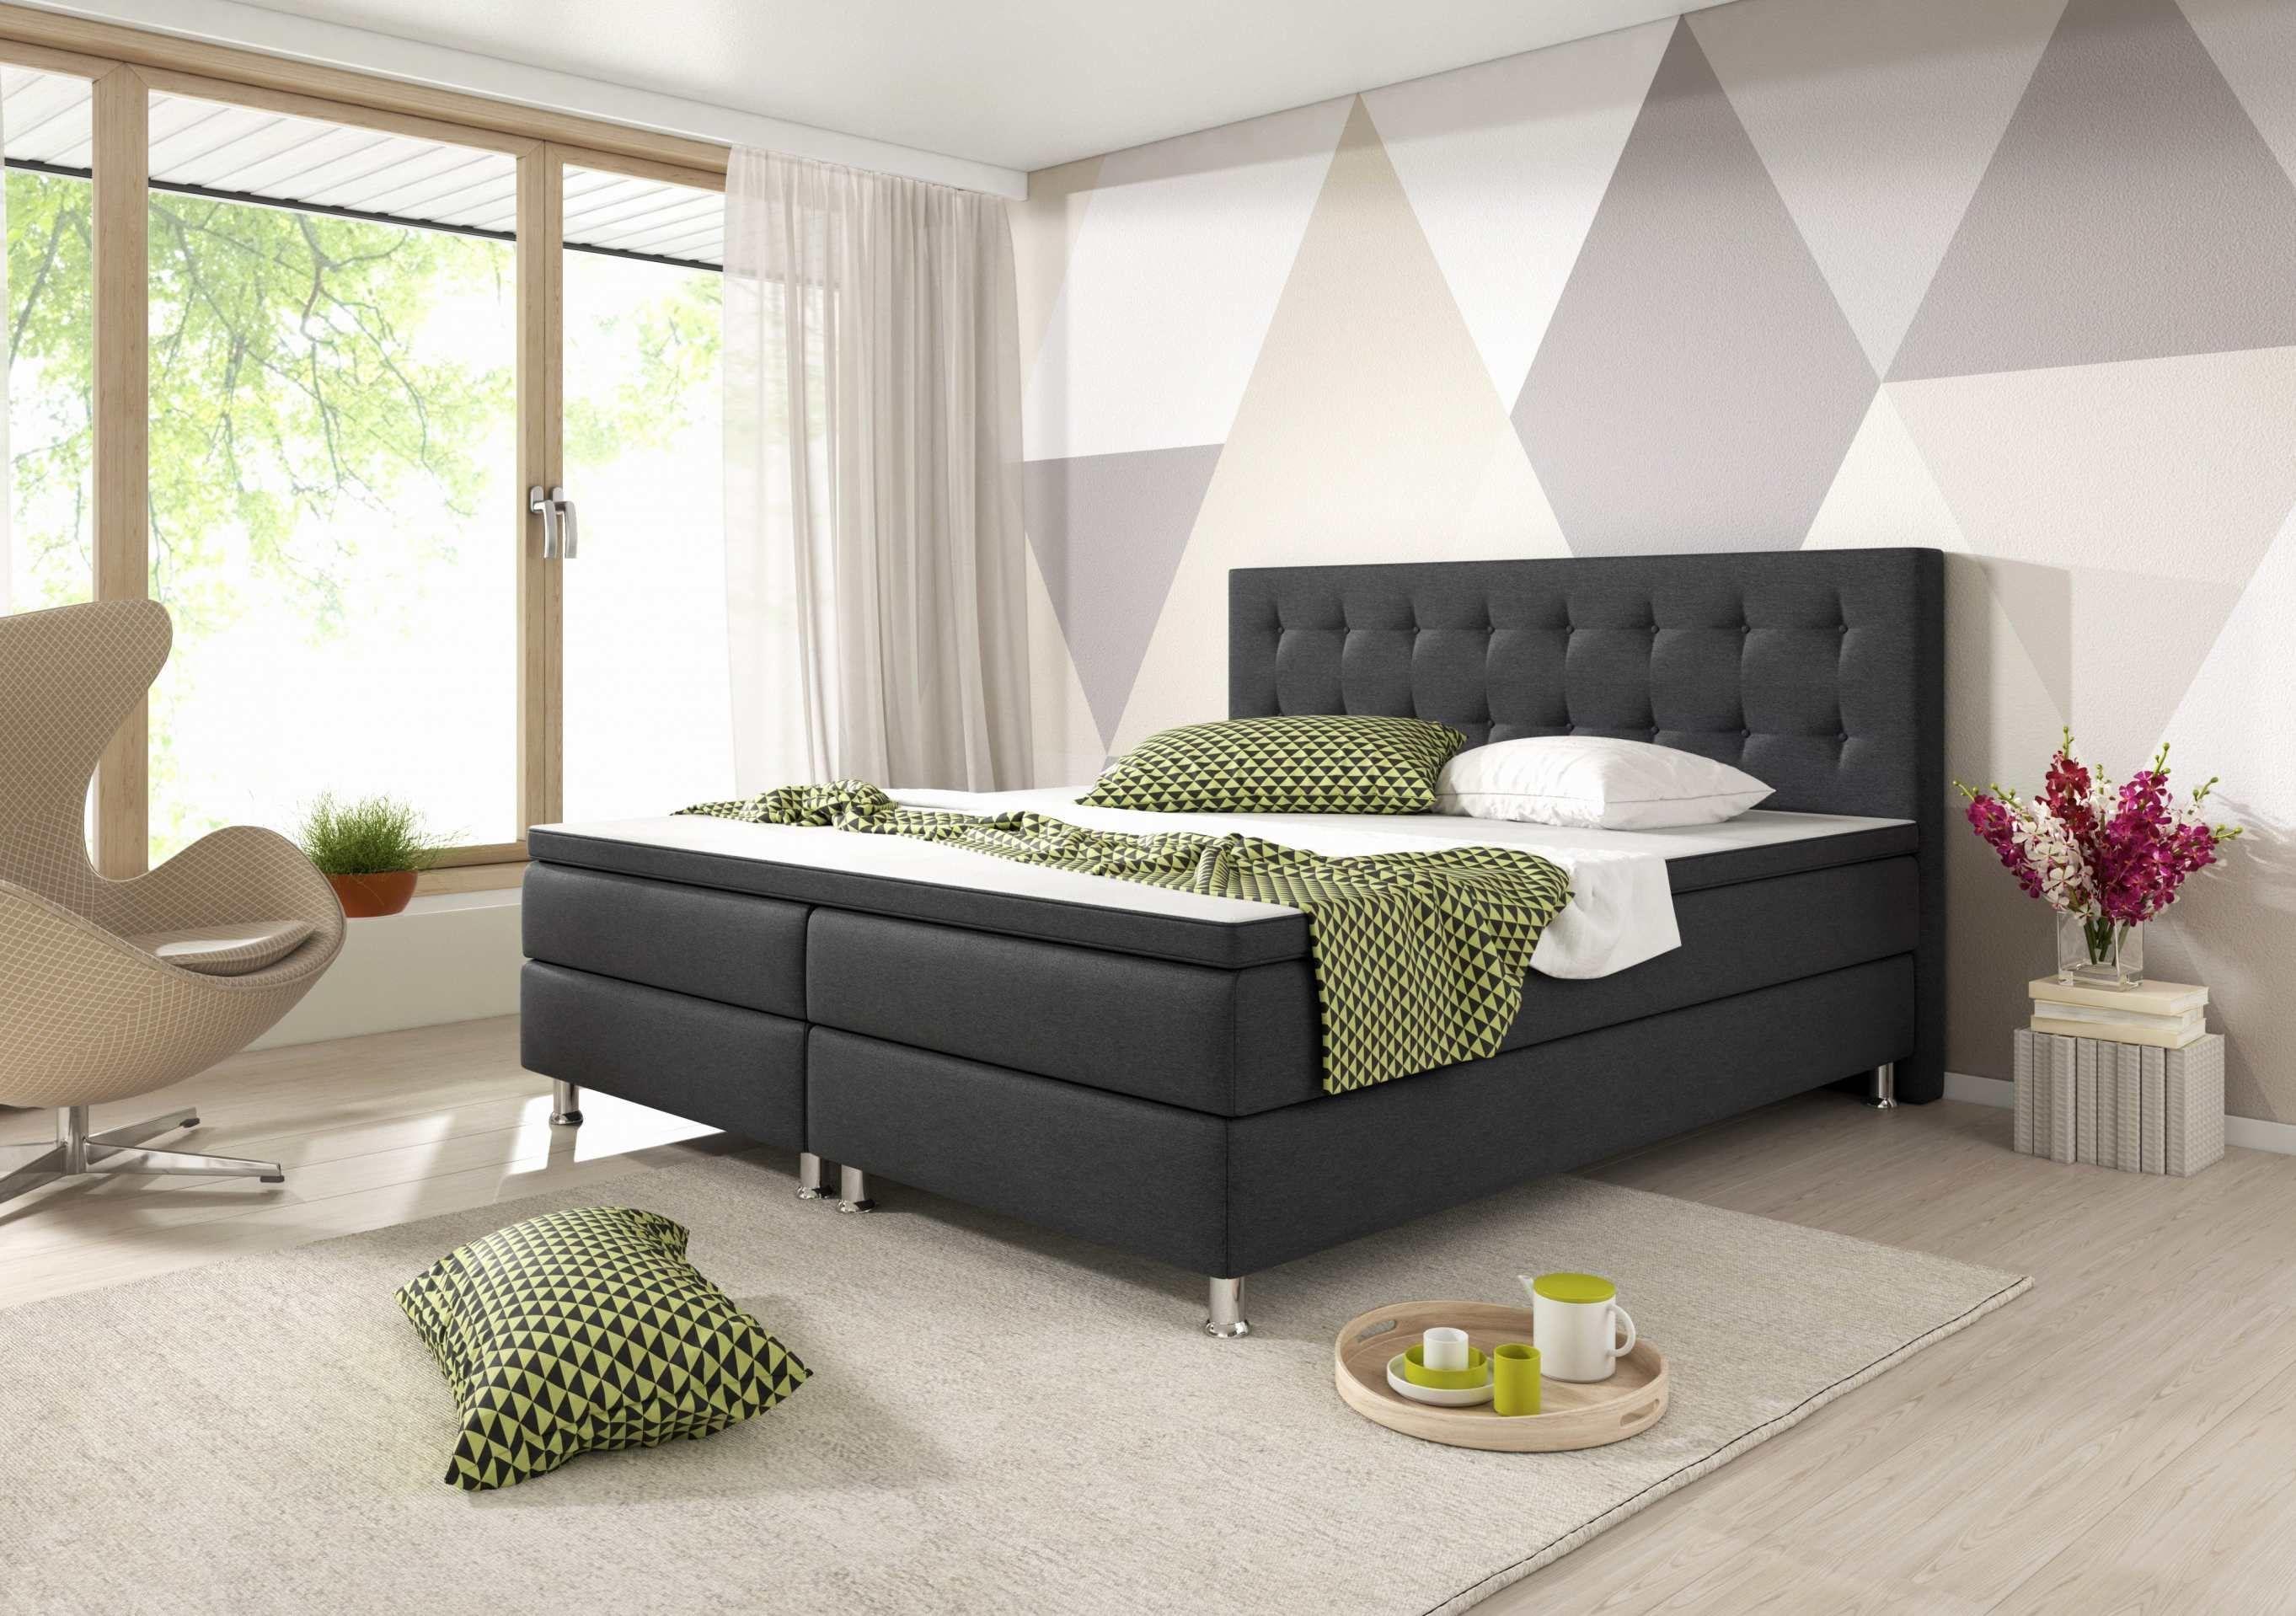 Wohnzimmer Farben Modern Plus Luxus Schlafzimmer Farbe Modern